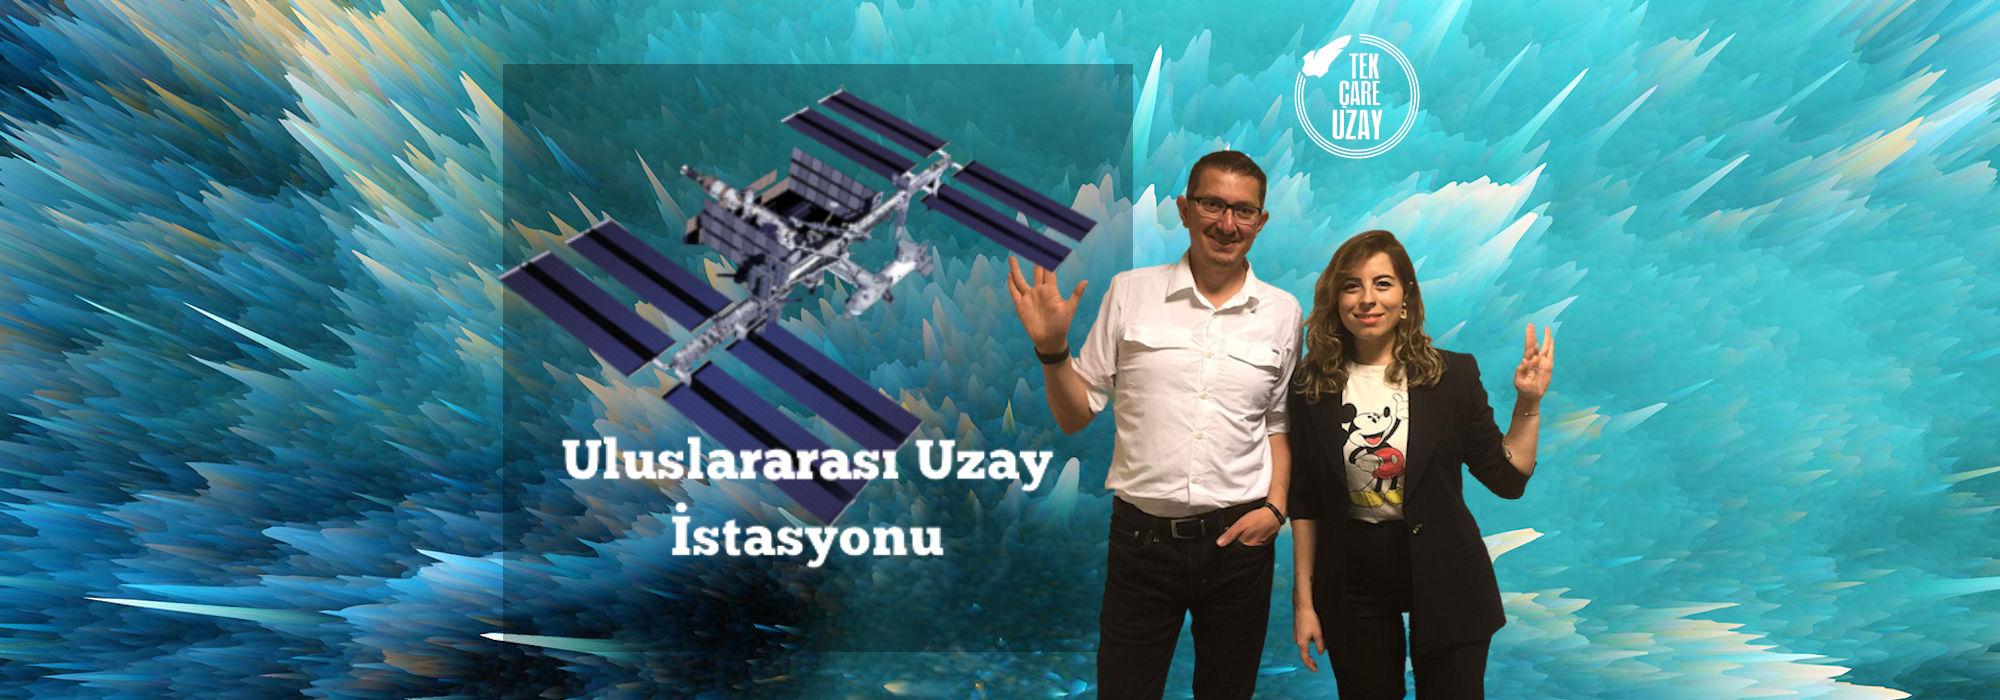 Tek Çare Uzay | Uluslararası Uzay İstasyonu